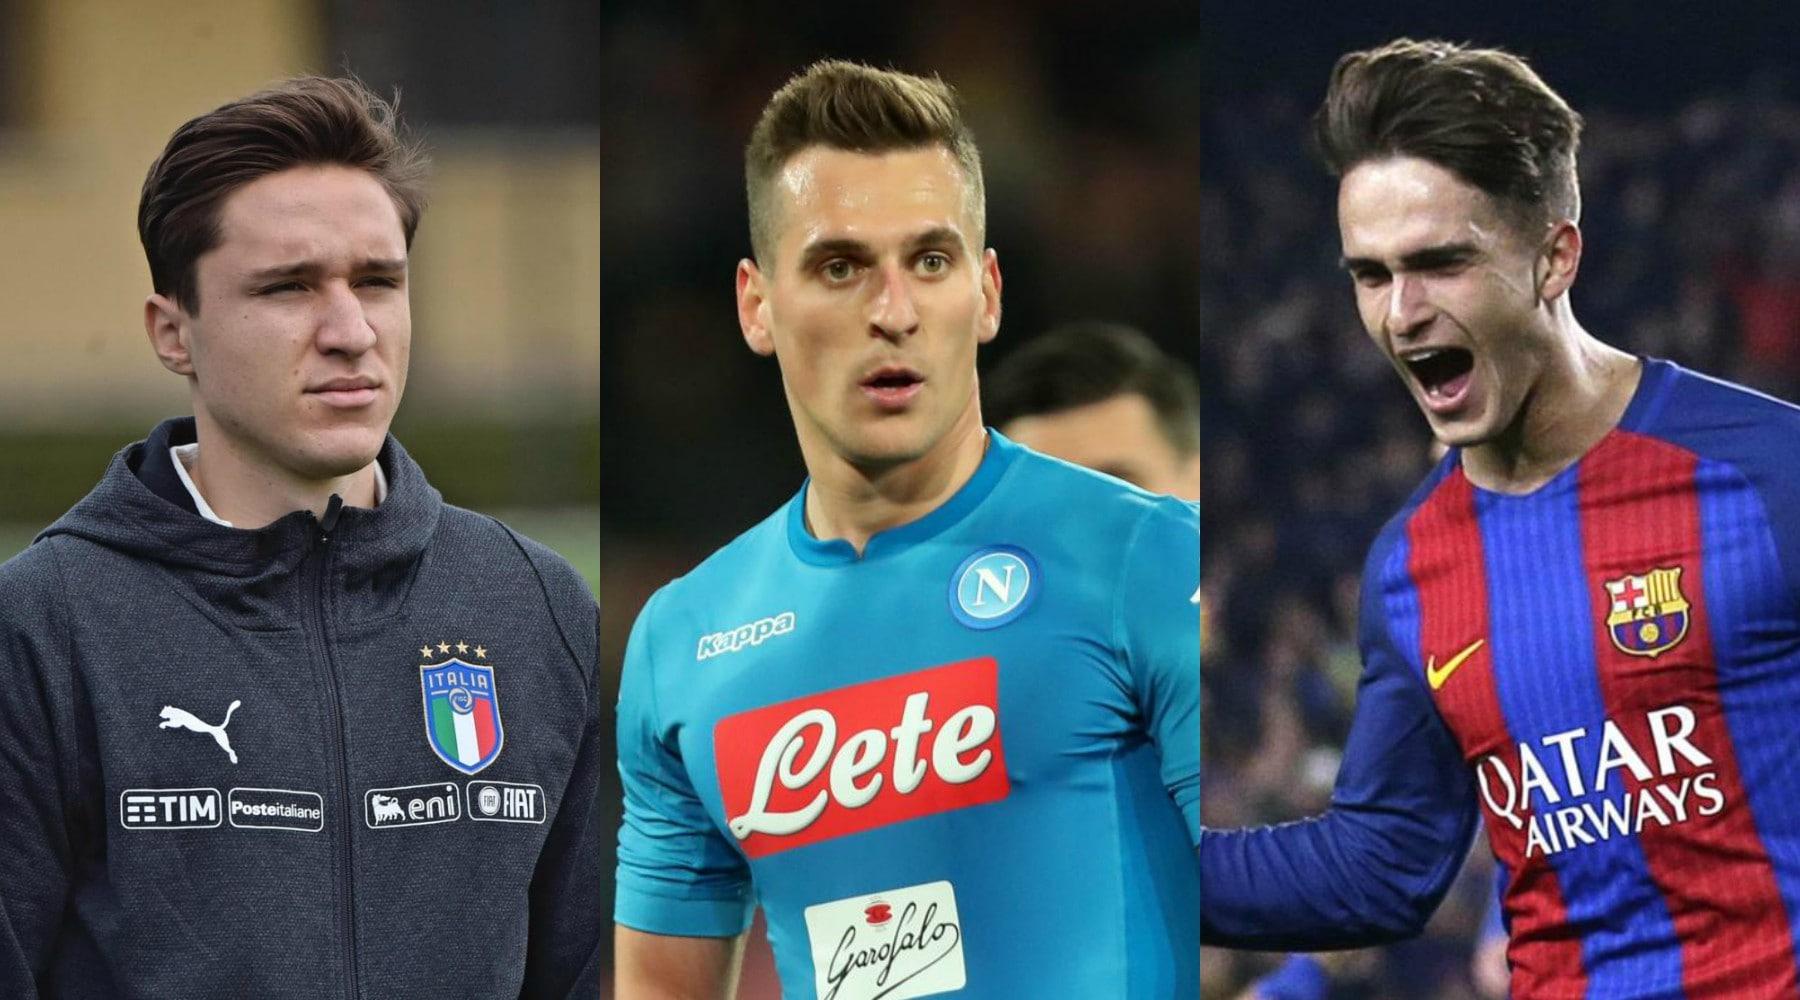 Napoli new generation: via al restyling azzurro